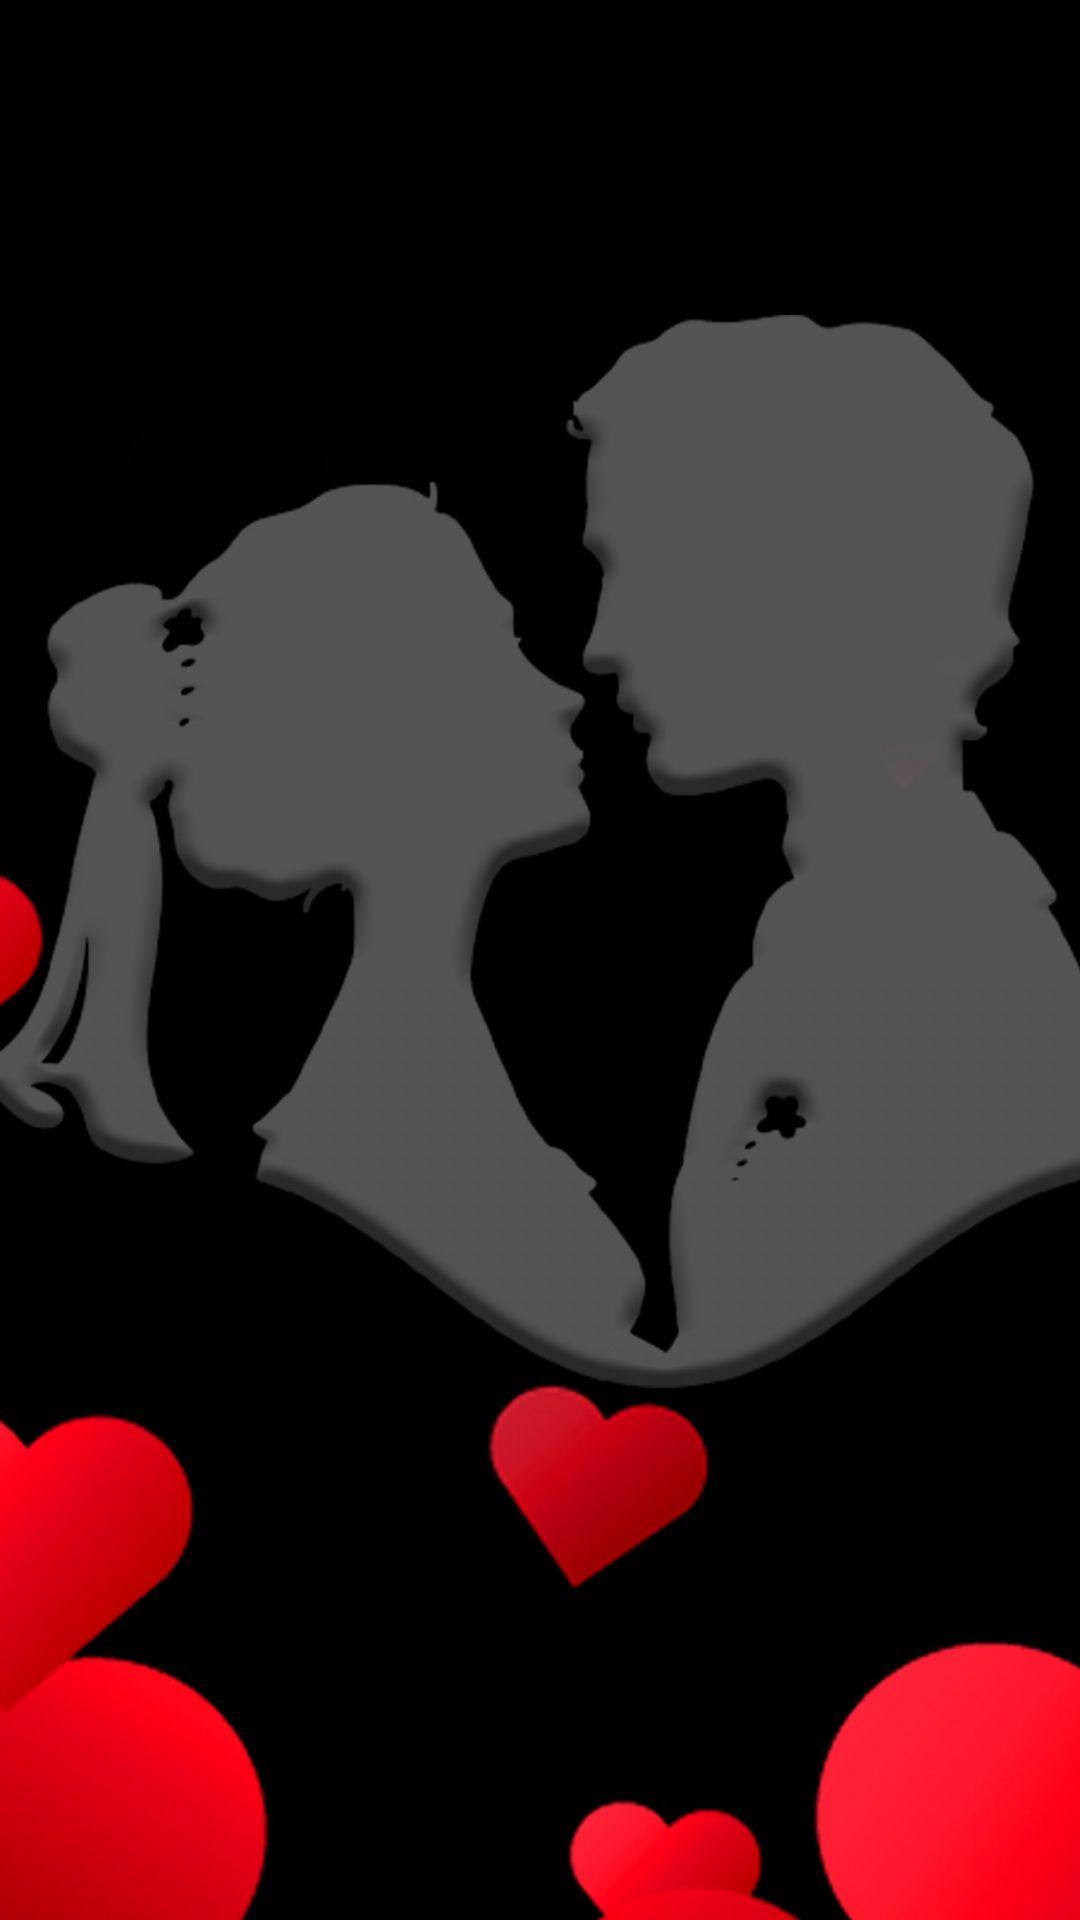 Couple Love Heart Art Wallpaper Art Wallpaper Love Wallpaper Sugar Wallpaper